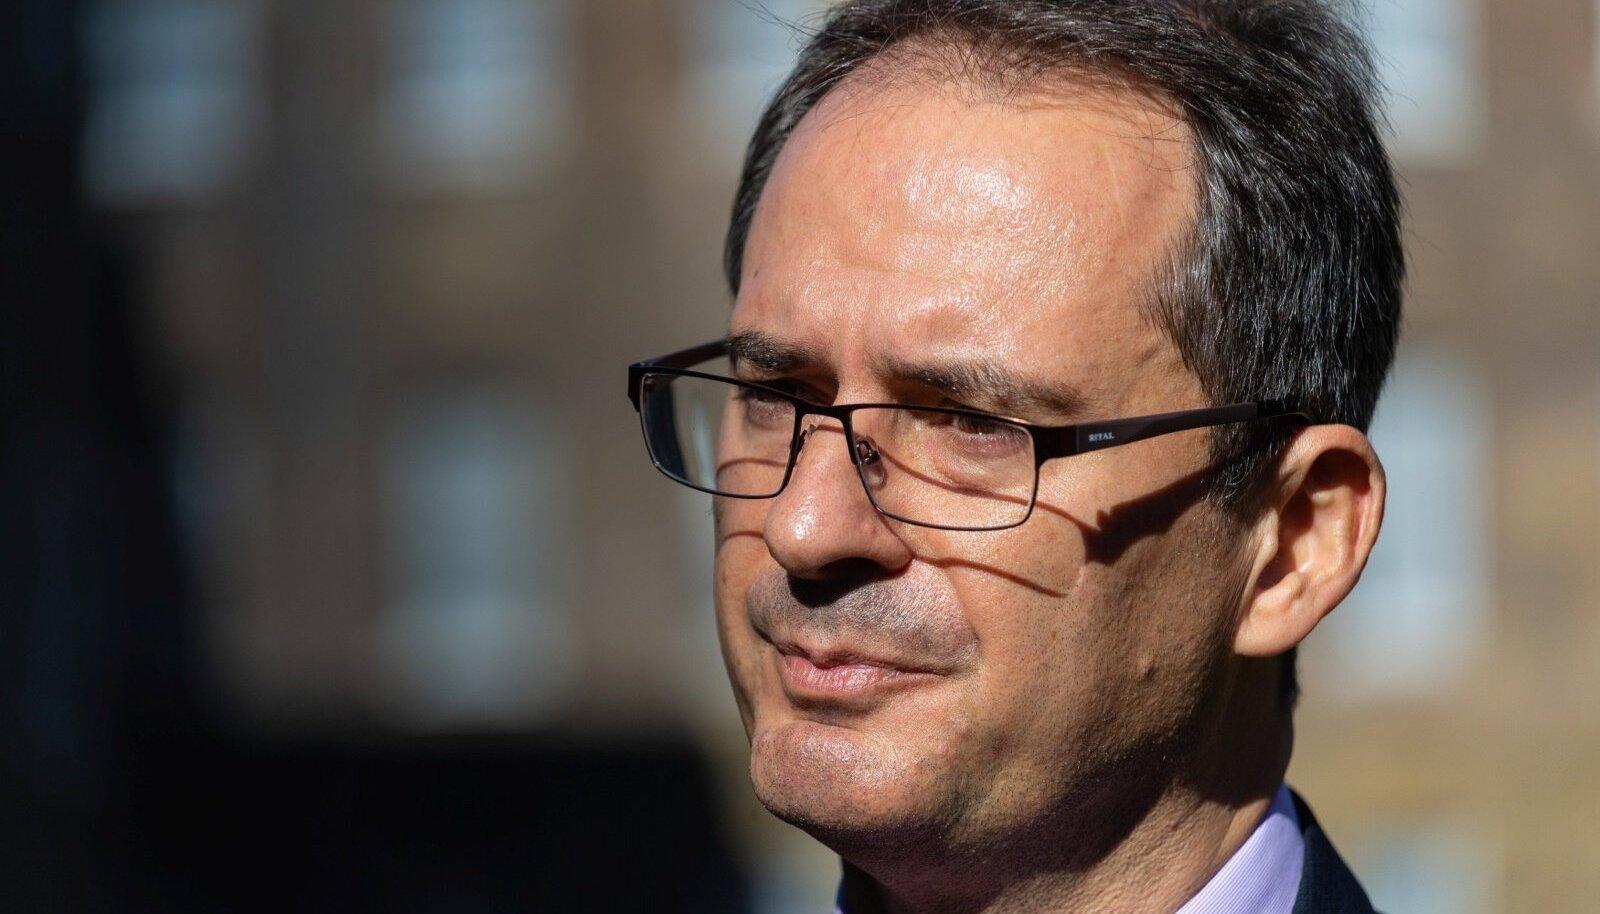 Sõltumatu ühenduse Bellingcat ekspert Christo Grozev